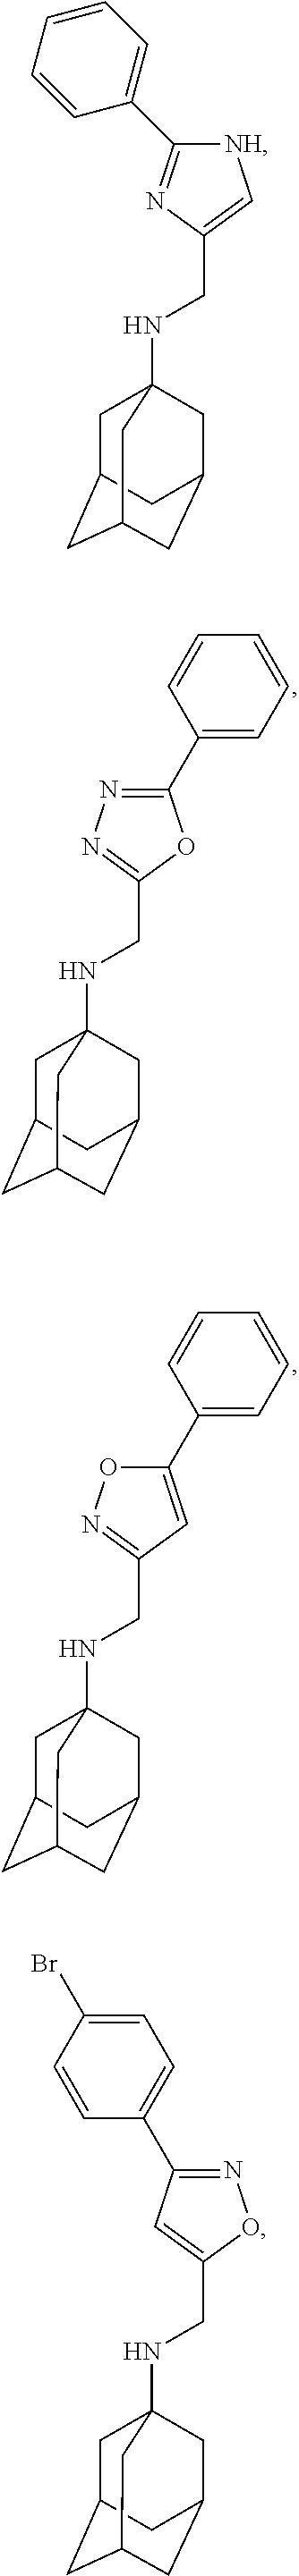 Figure US09884832-20180206-C00153